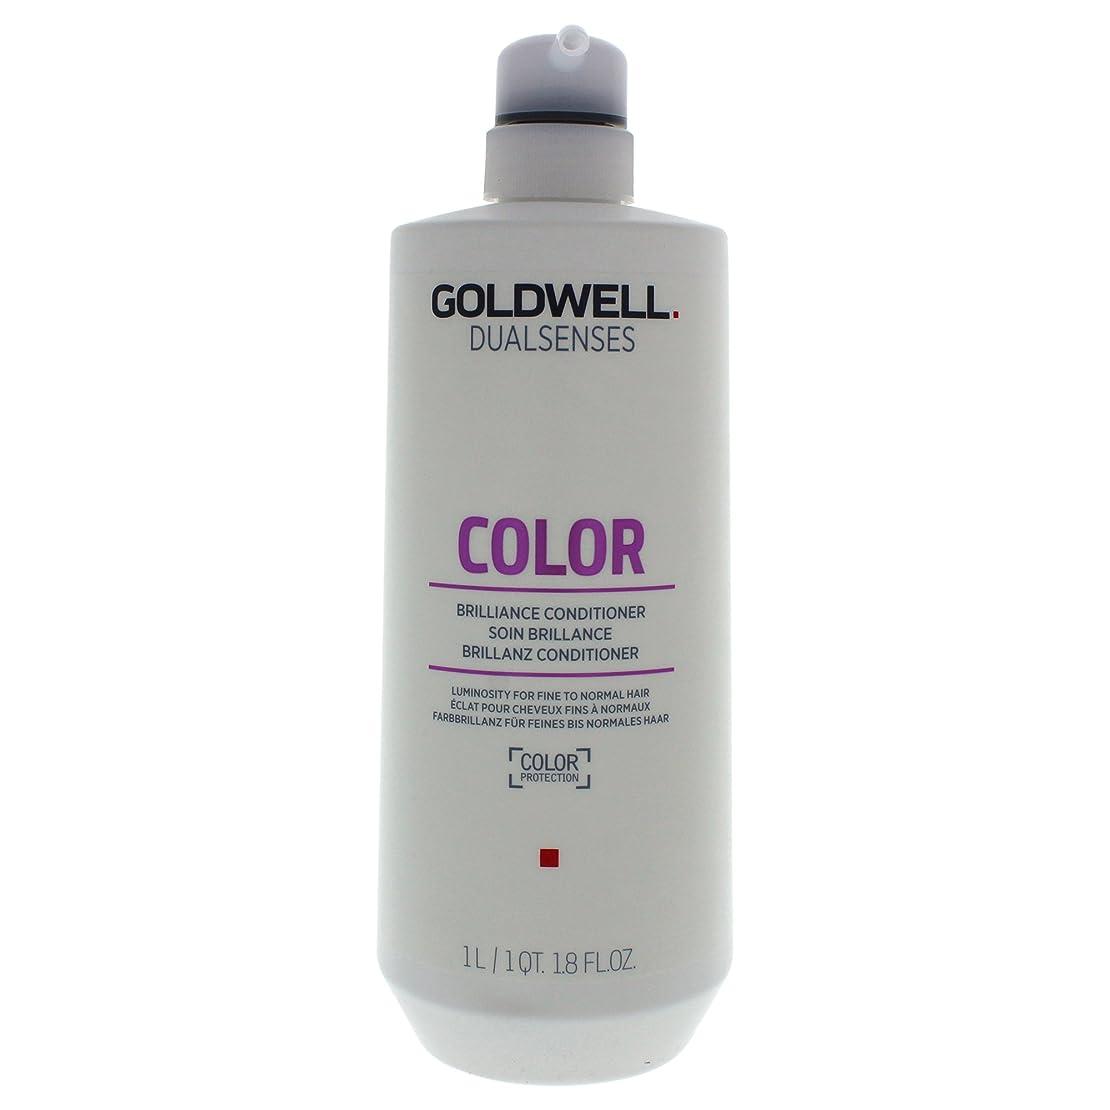 悲しいことに刺激するばかげたゴールドウェル Dual Senses Color Brilliance Conditioner (Luminosity For Fine to Normal Hair) 1000ml